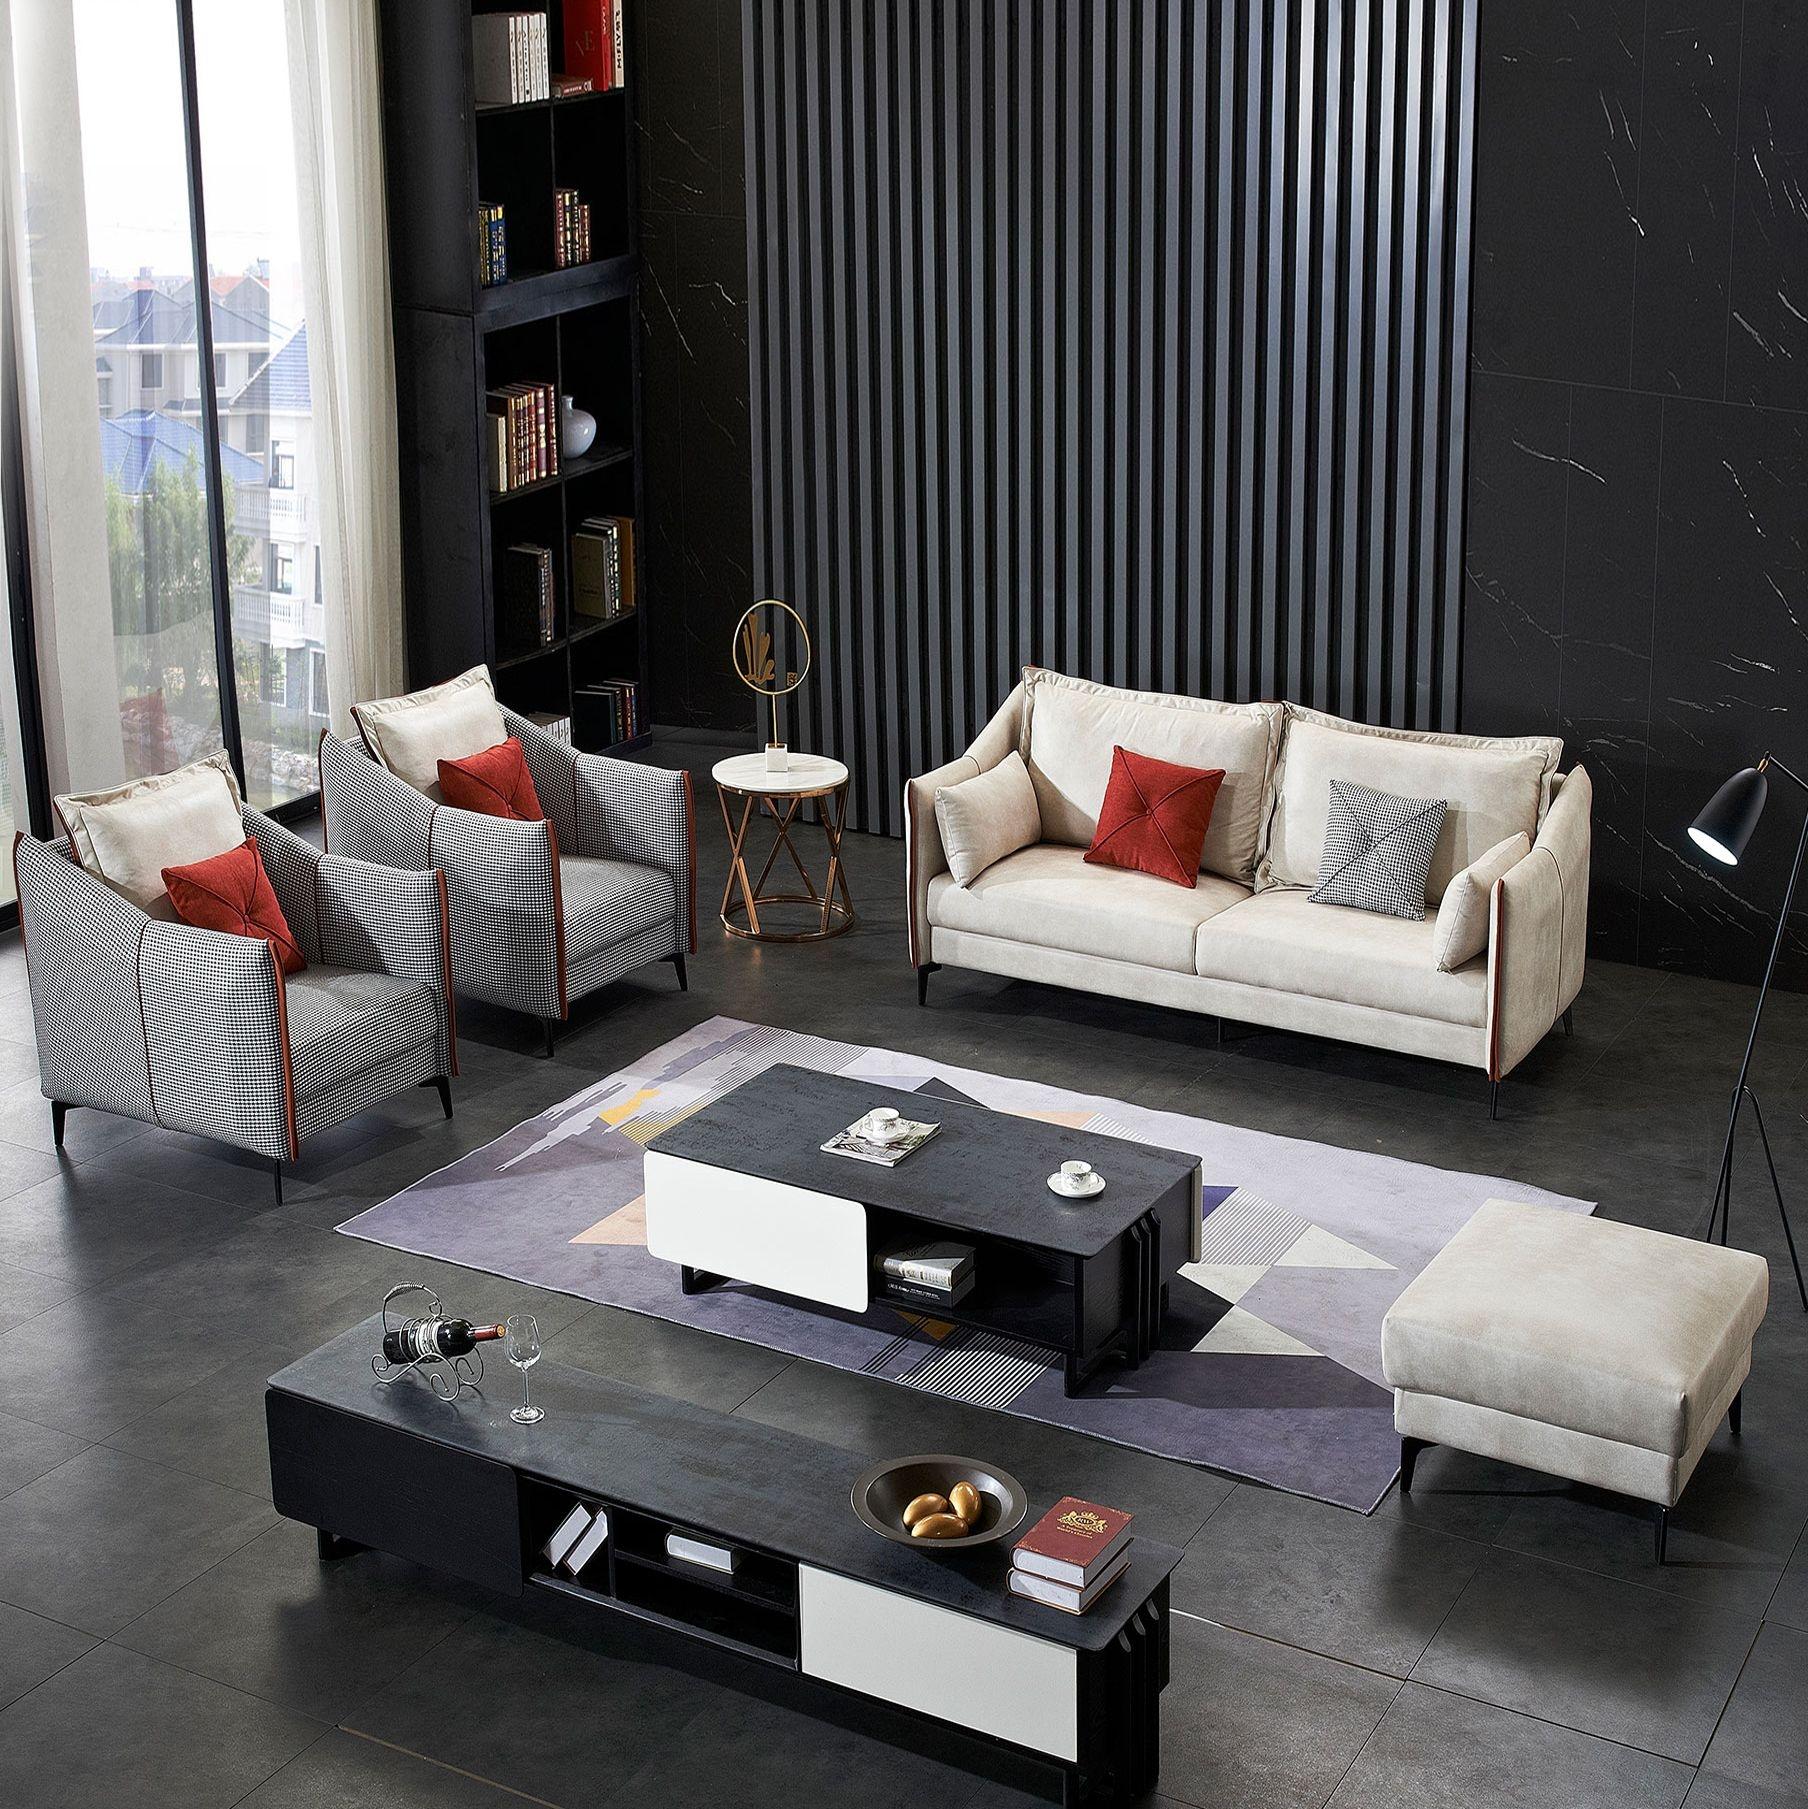 【红菲】现代风格 时尚温馨 亲肤透气棉科技布布艺沙发 客厅组合沙发 沙发五金脚木脚   A48#